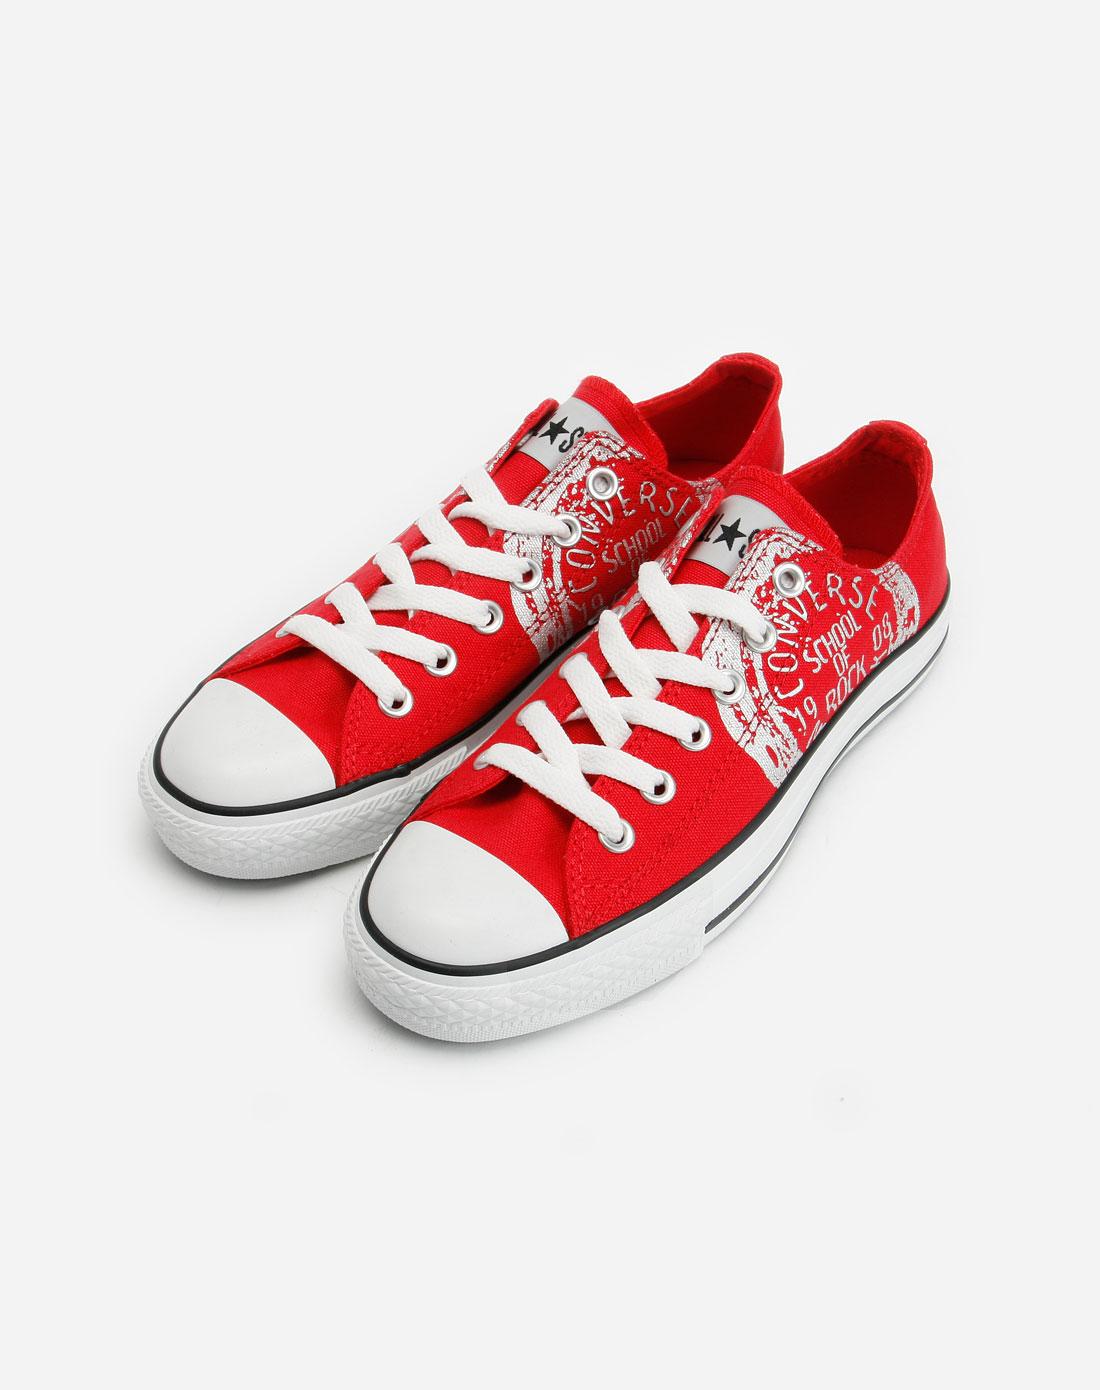 匡威 中性红色休闲布鞋